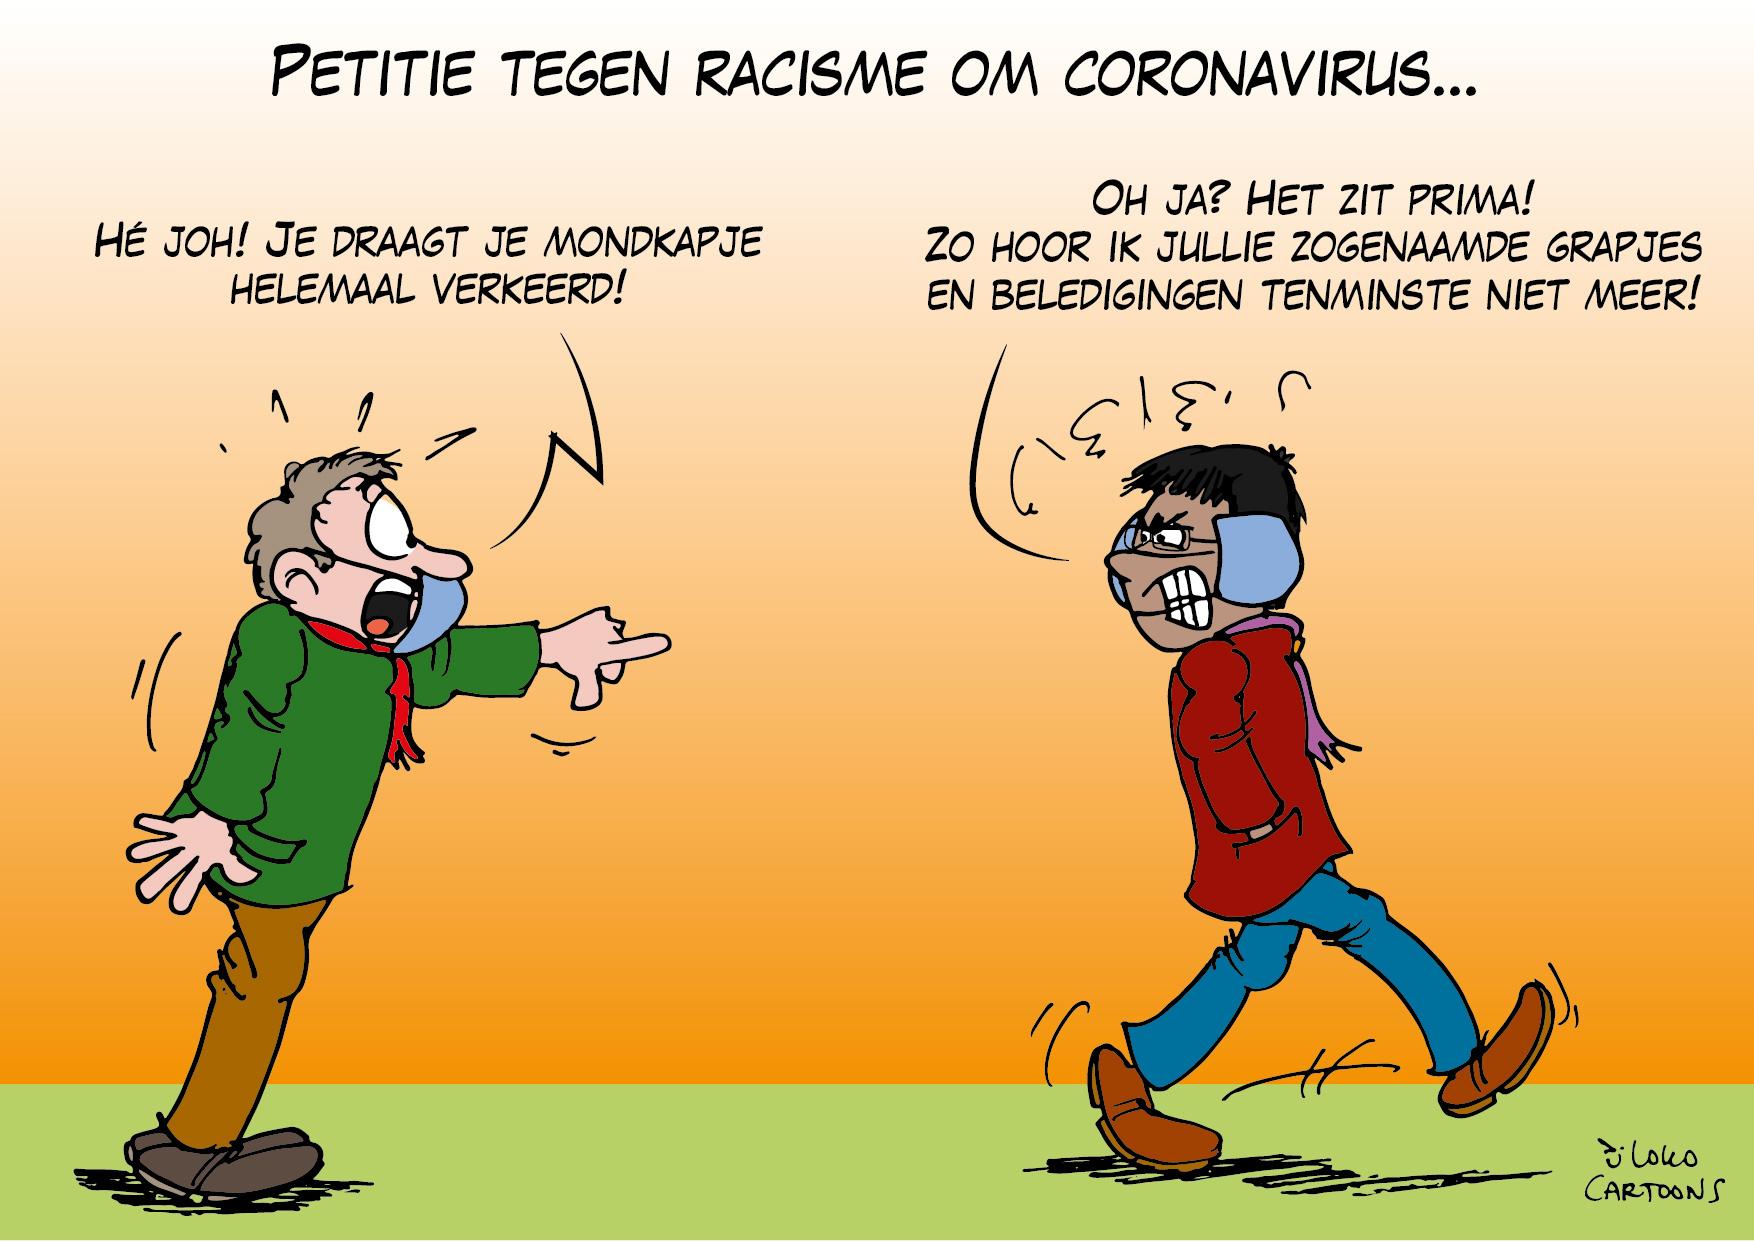 Online petitie tegen discriminatie en rascisme om coronavirus…